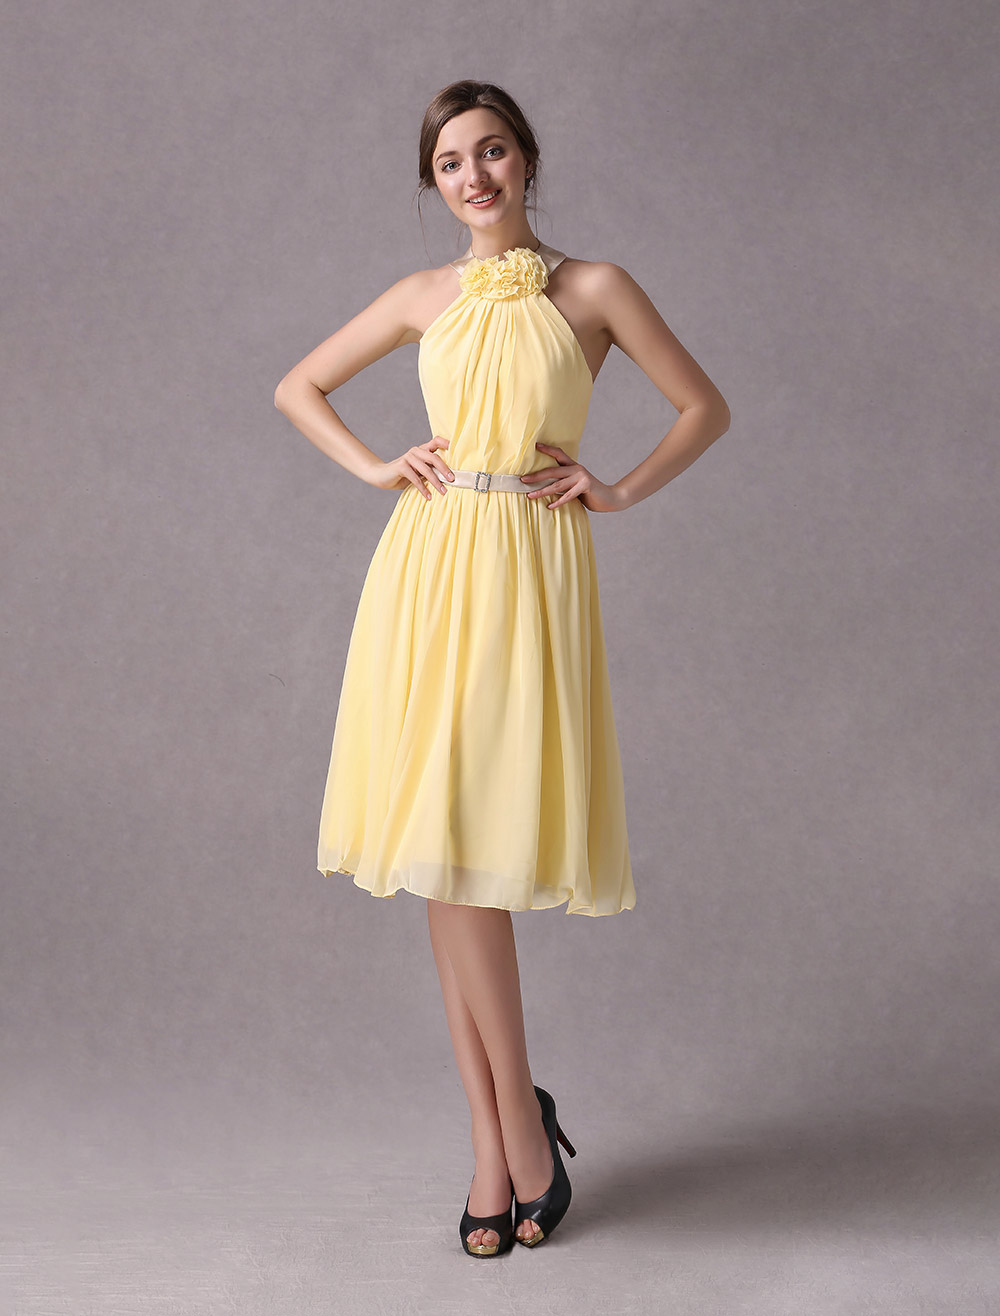 brautmutterkleider prom- abendkleider für hochzeit gelb  brautjungfernkleider chiffon mit halter hochzeit knielang ärmellos